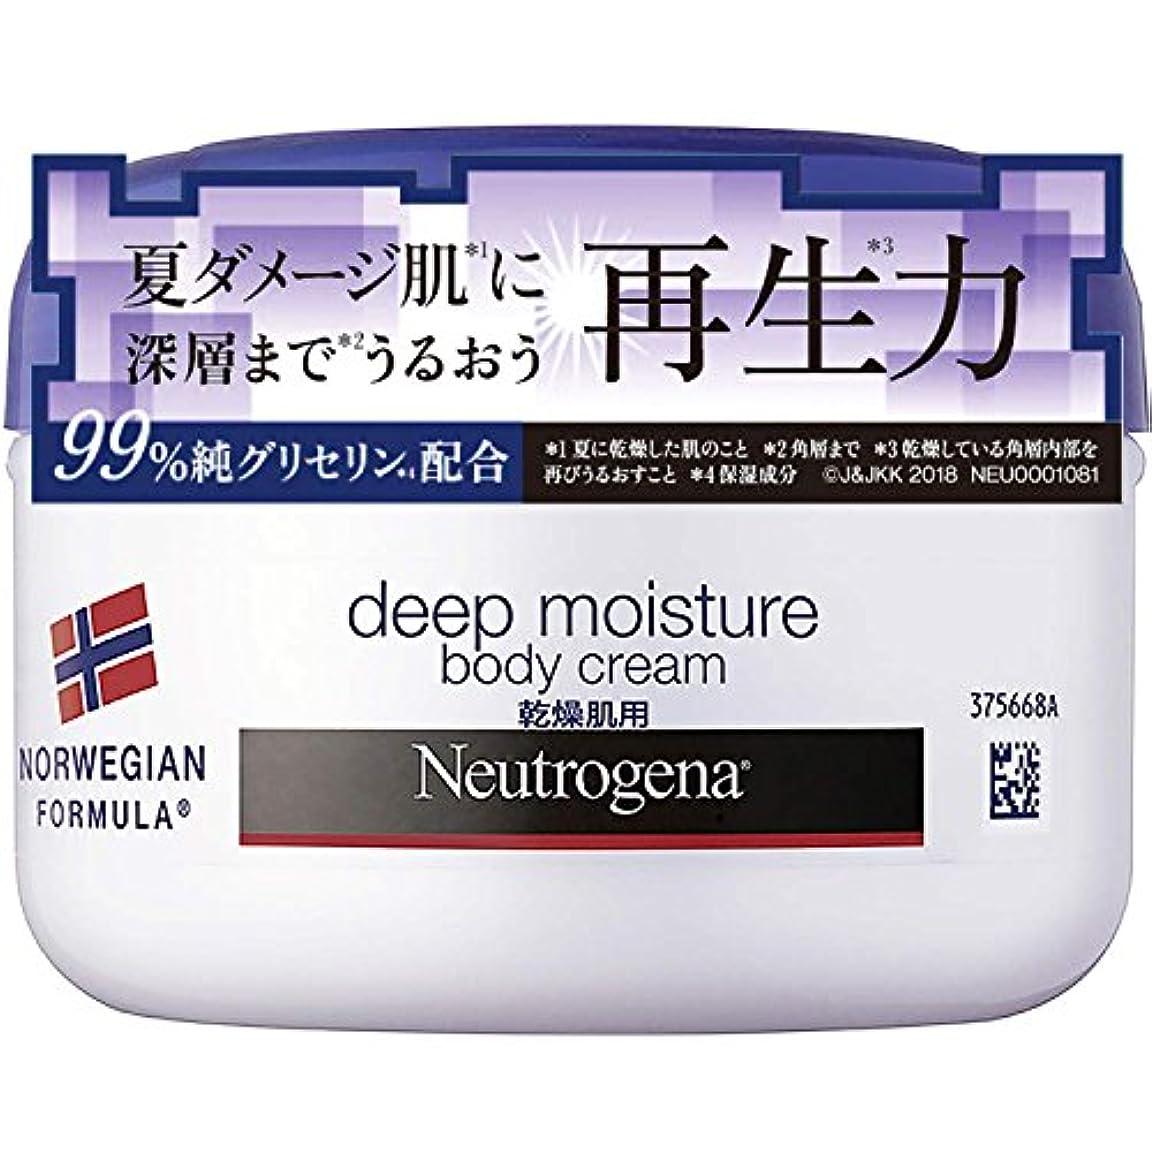 チャーム容赦ない料理Neutrogena(ニュートロジーナ) ノルウェーフォーミュラ ディープモイスチャー ボディクリーム 乾燥肌用 微香性 200ml